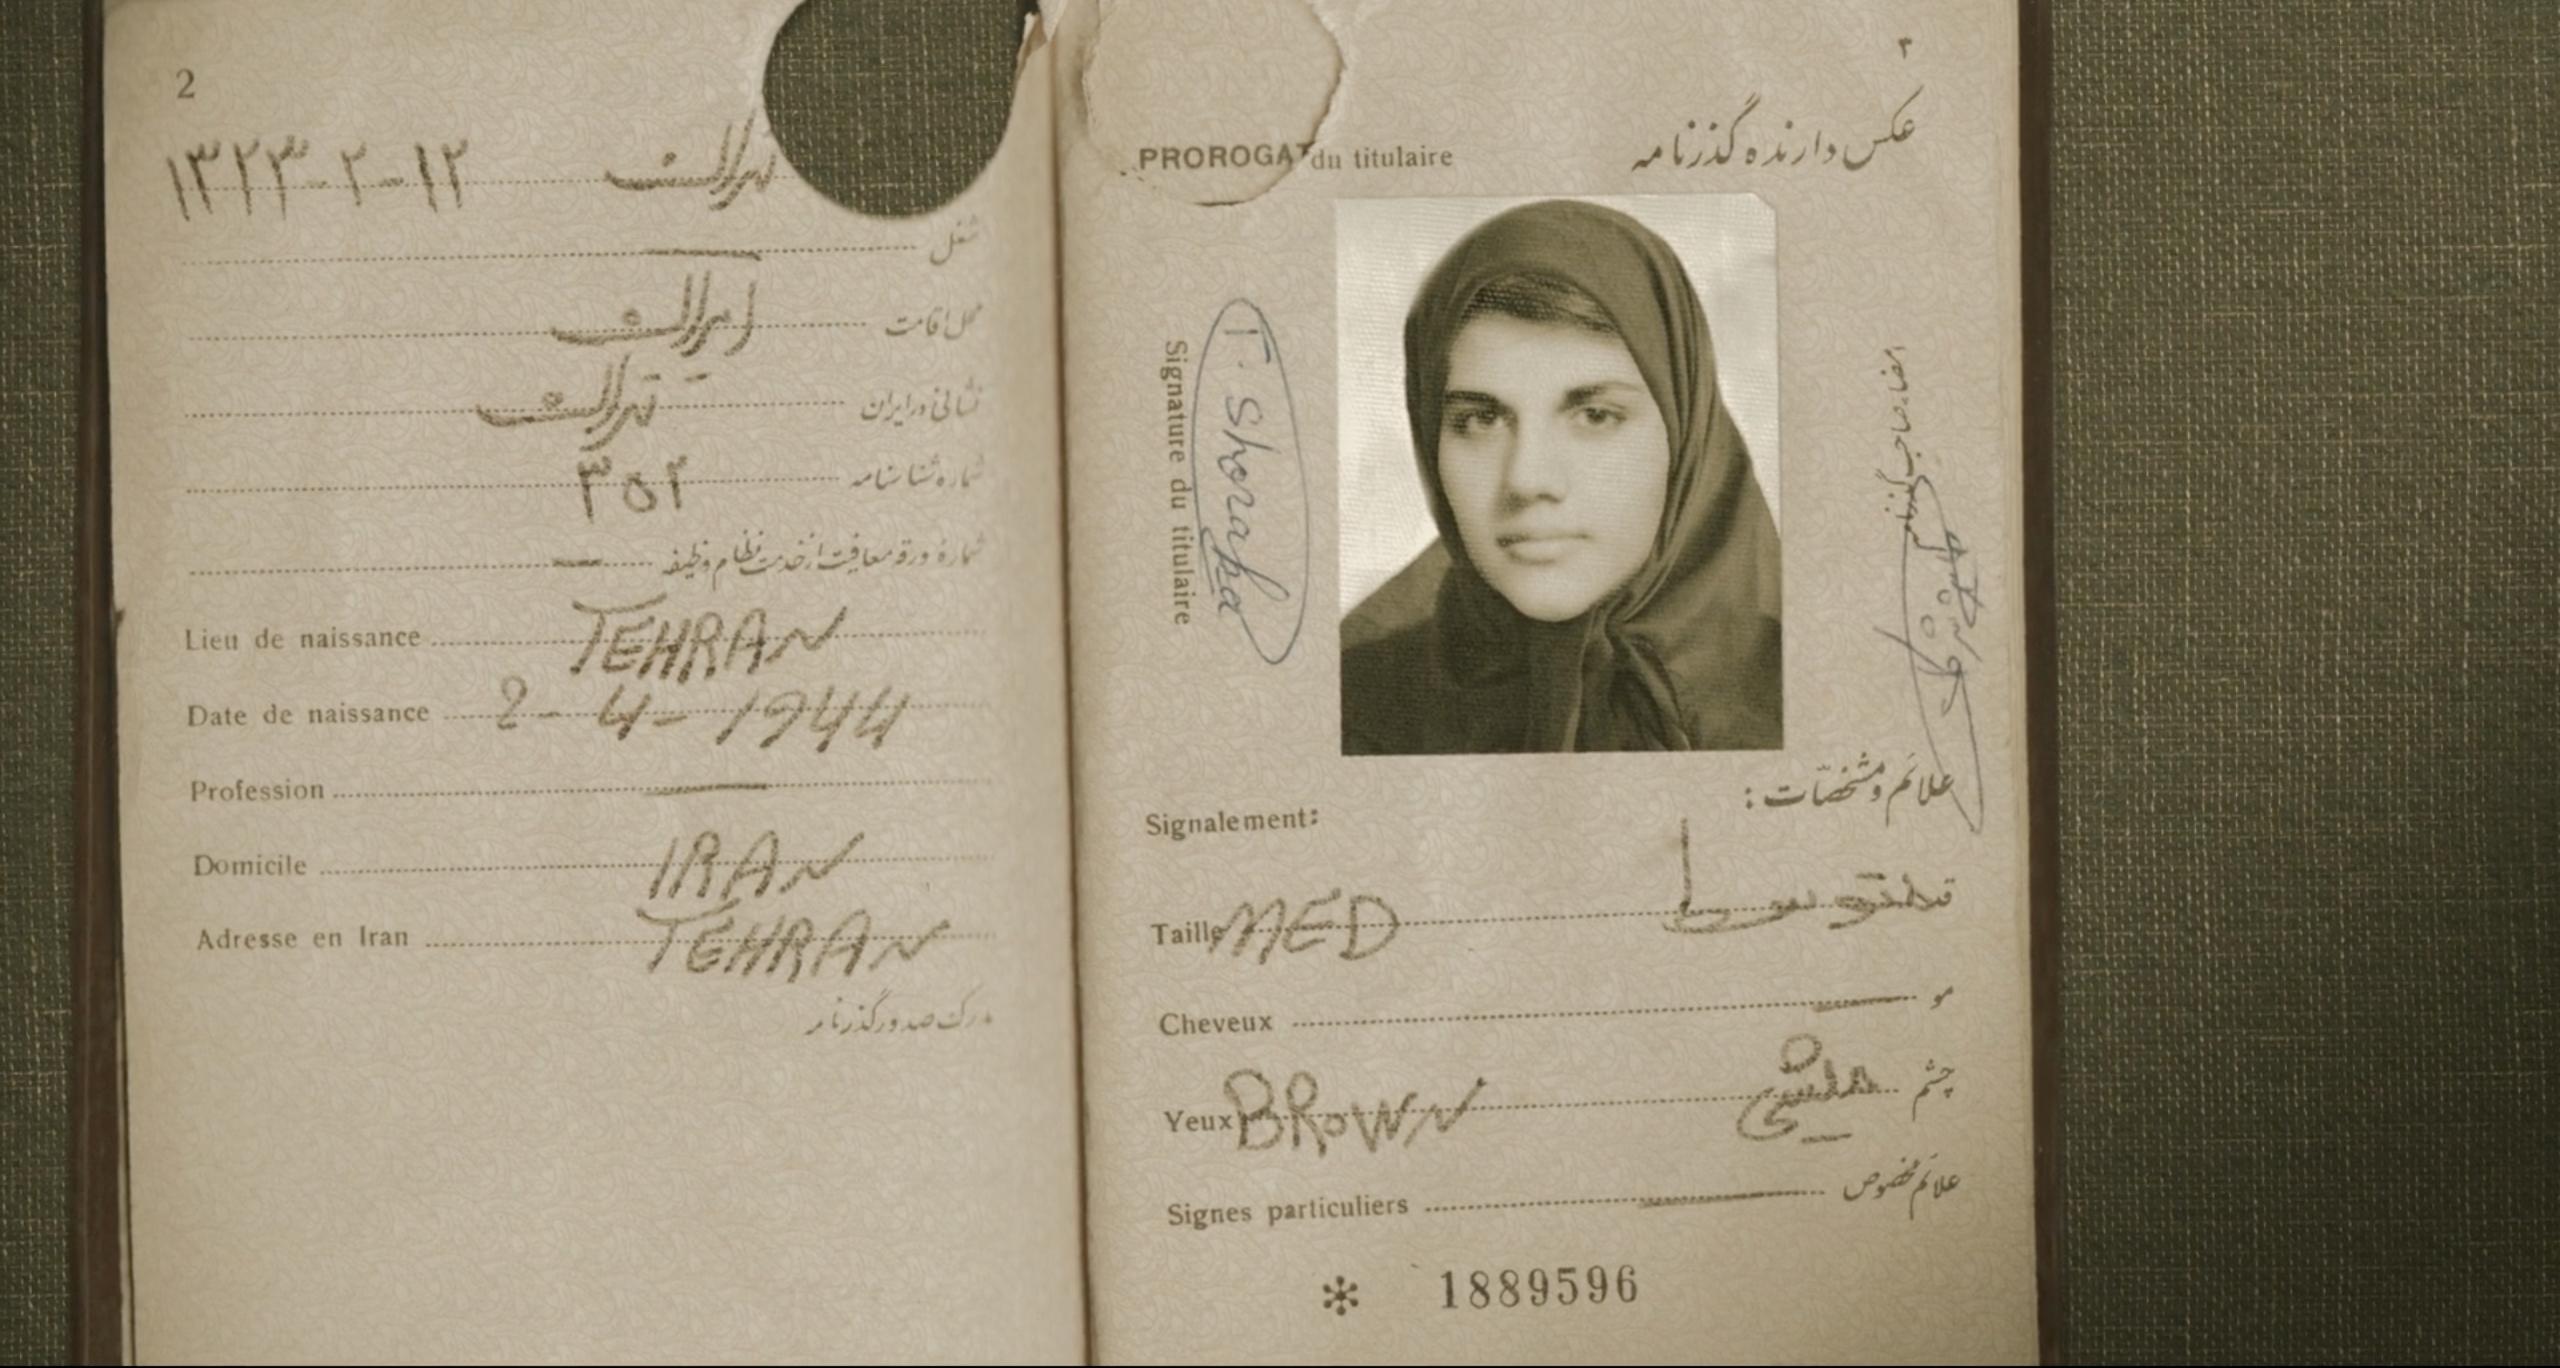 Filmbild aus Radiograph of a Family ©Firouzeh Khosrovani | Norwegen, Iran, Schweiz 2020